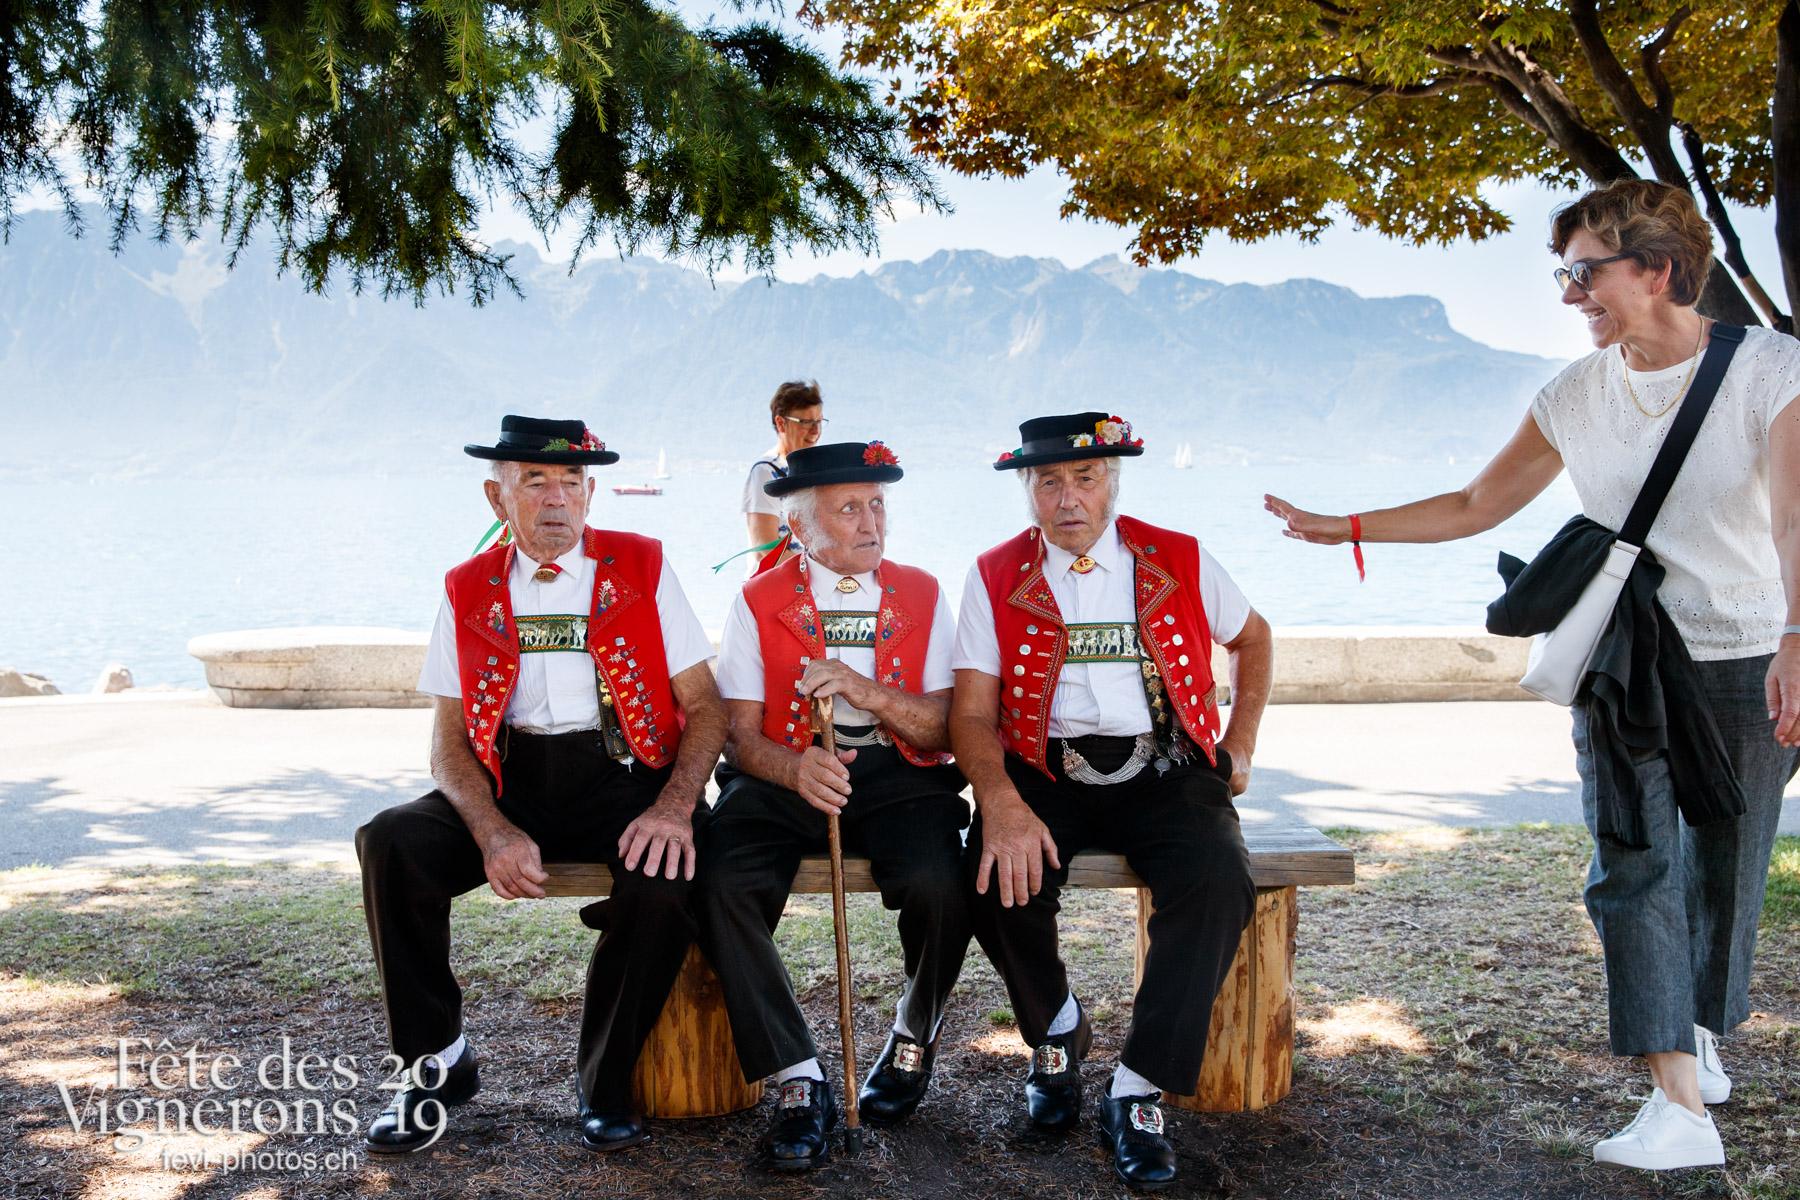 Journée cantonale, Appenzell - Journées cantonales, Thurgovie, cortège, defile, journee-cantonale-thurgovie. Photographes de la Fête des Vignerons 2019